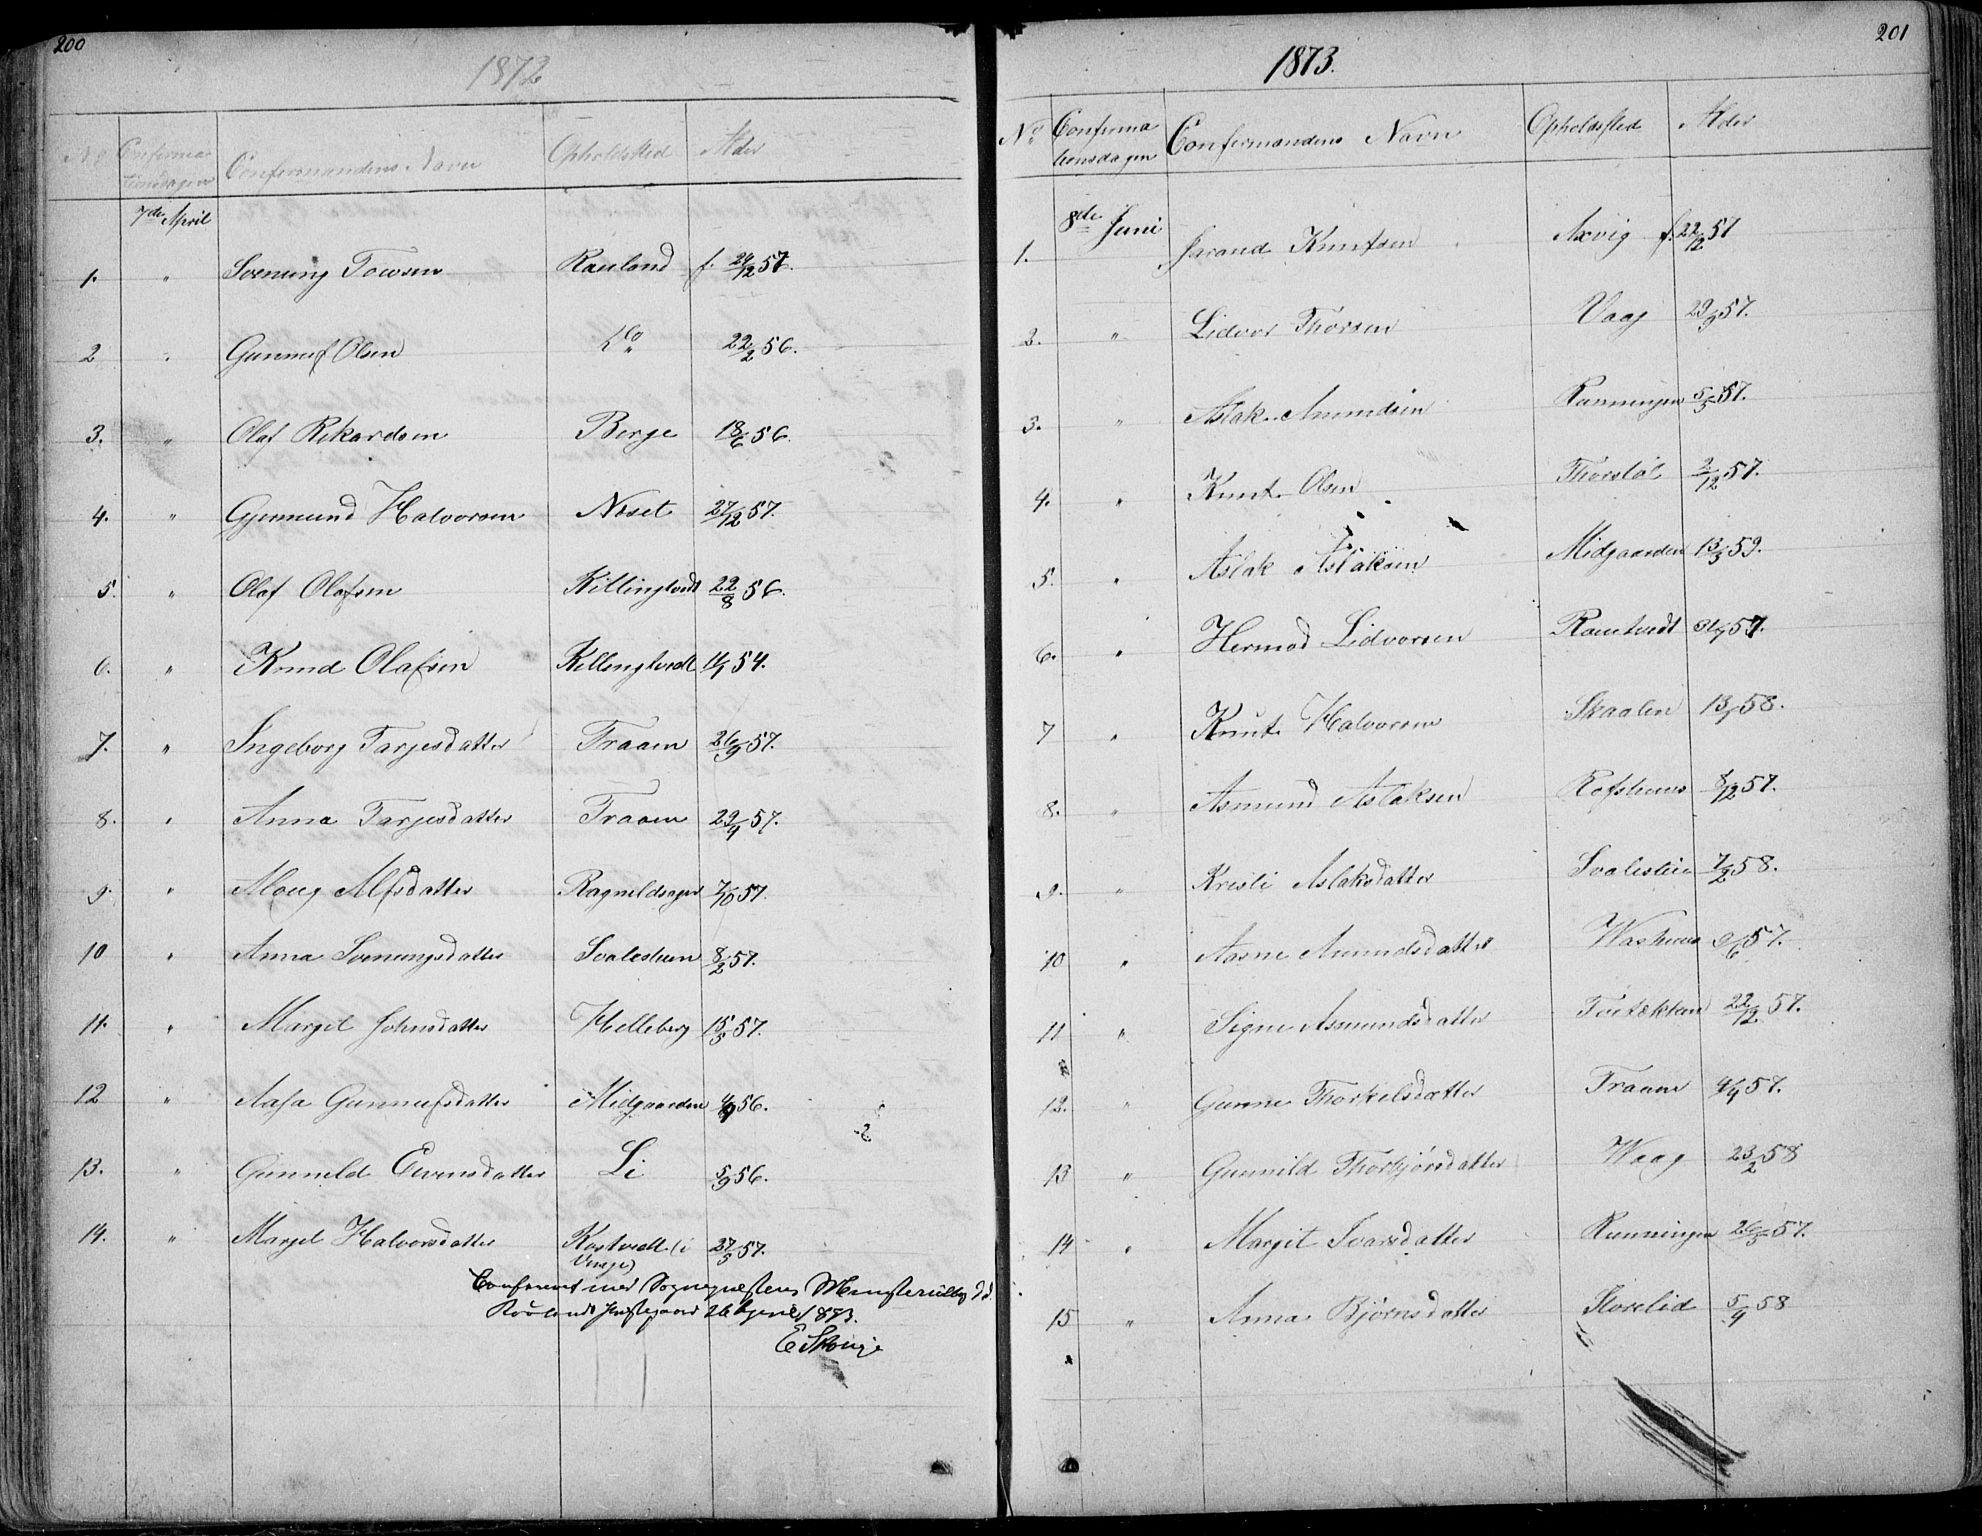 SAKO, Rauland kirkebøker, G/Ga/L0002: Klokkerbok nr. I 2, 1849-1935, s. 200-201